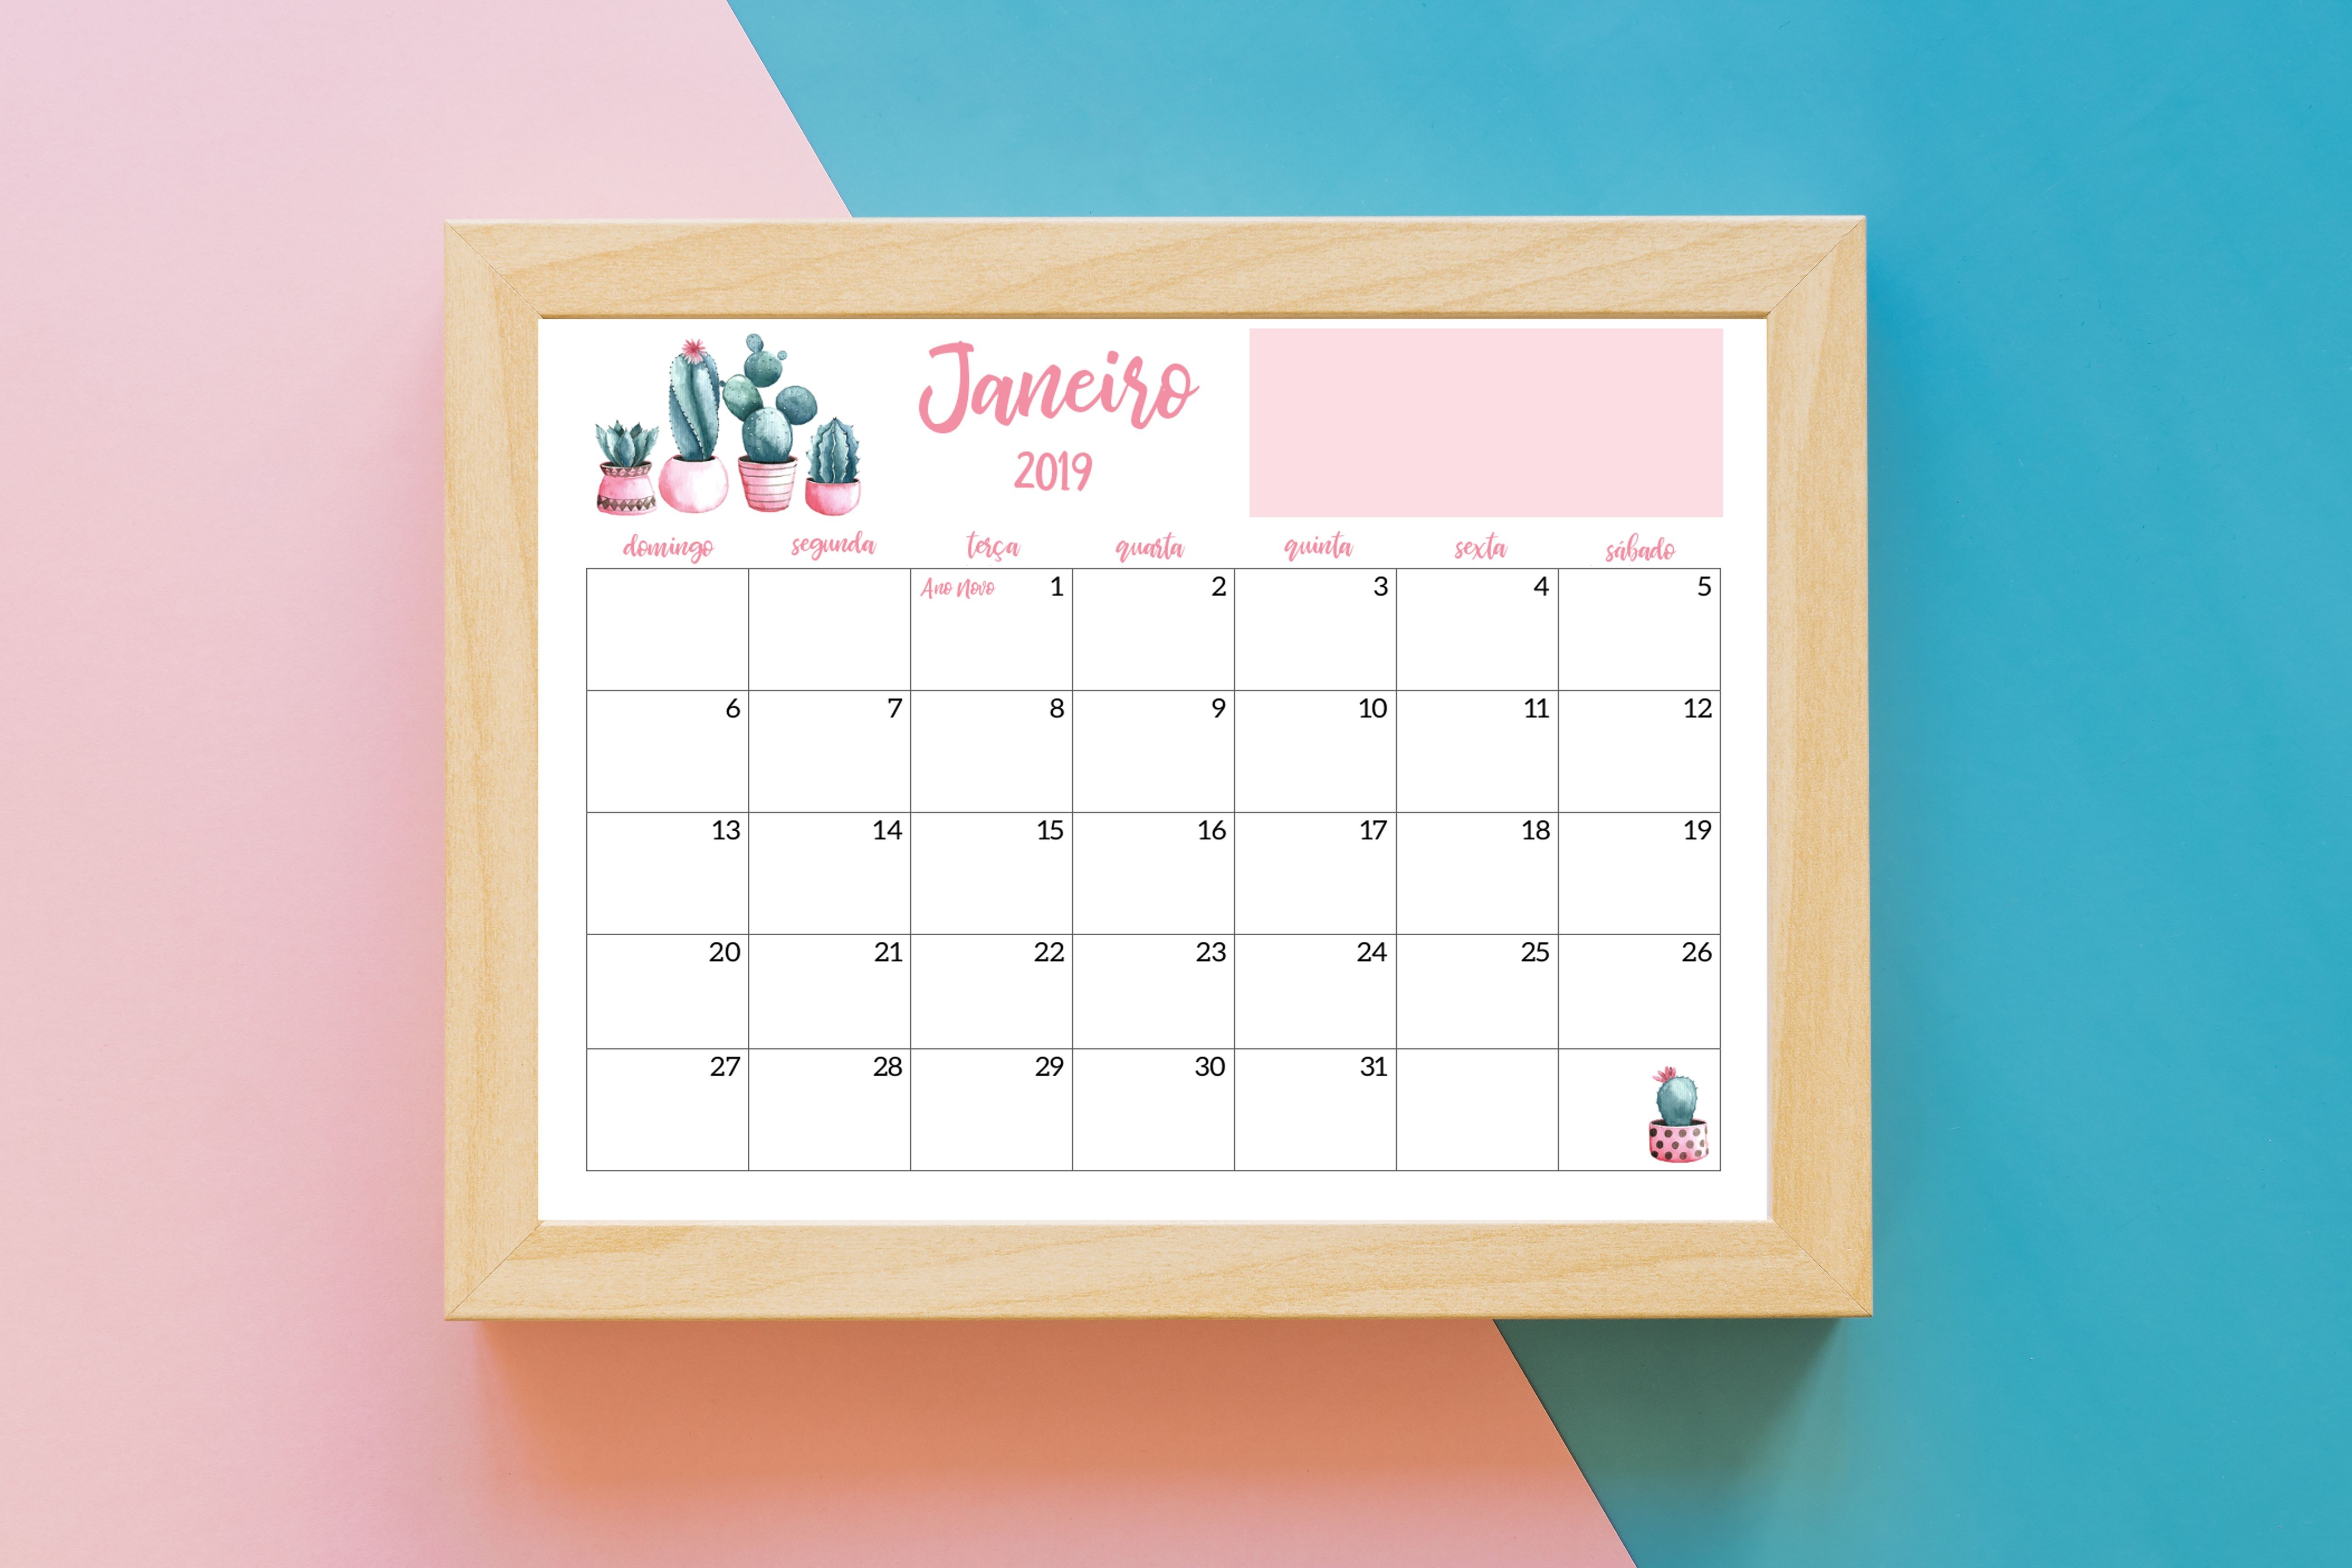 Calendario 2019 Y 2018 Más Populares Calendario Mensal Cactos Maio 2019 Interessante T Of Calendario 2019 Y 2018 Actual Part 3 Lankafuntrip